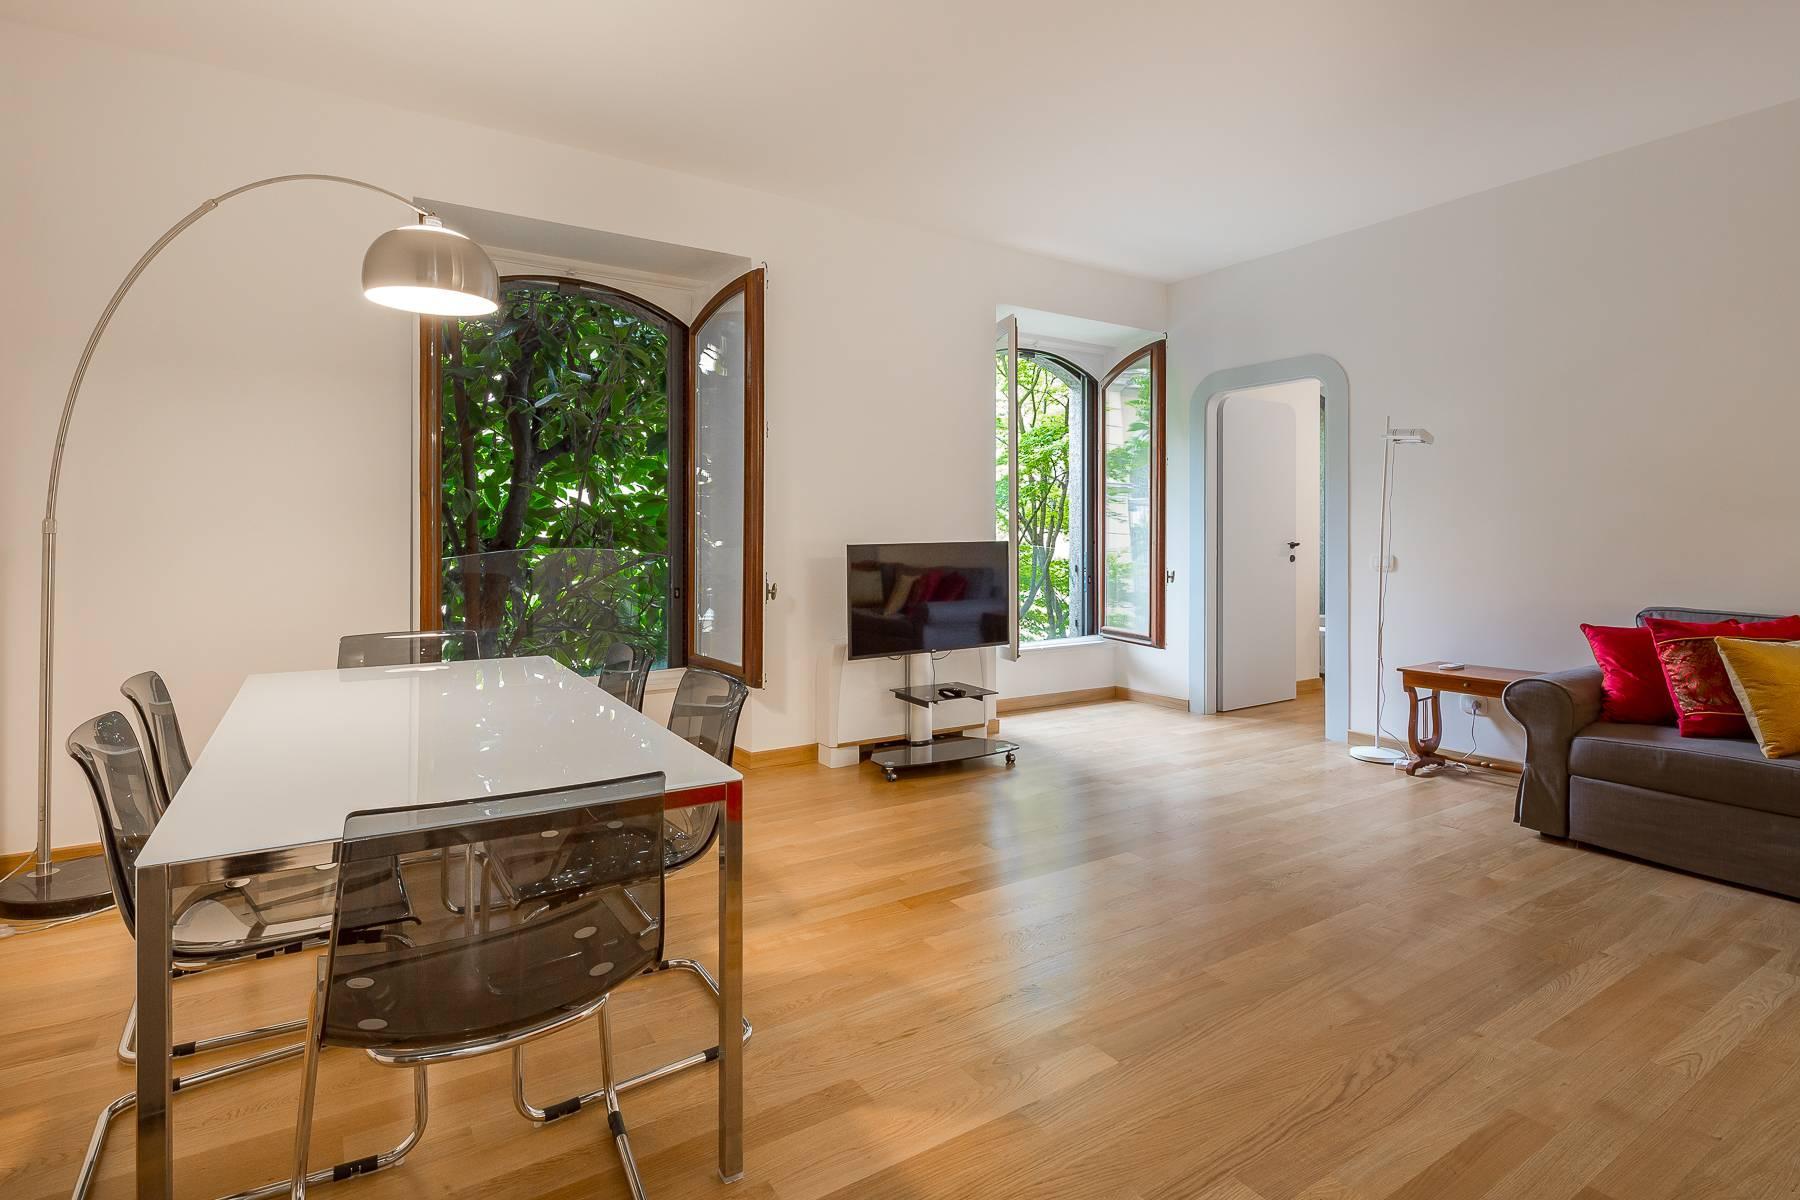 Renovierte Wohnung im eleganten antiken Gebäude - 2